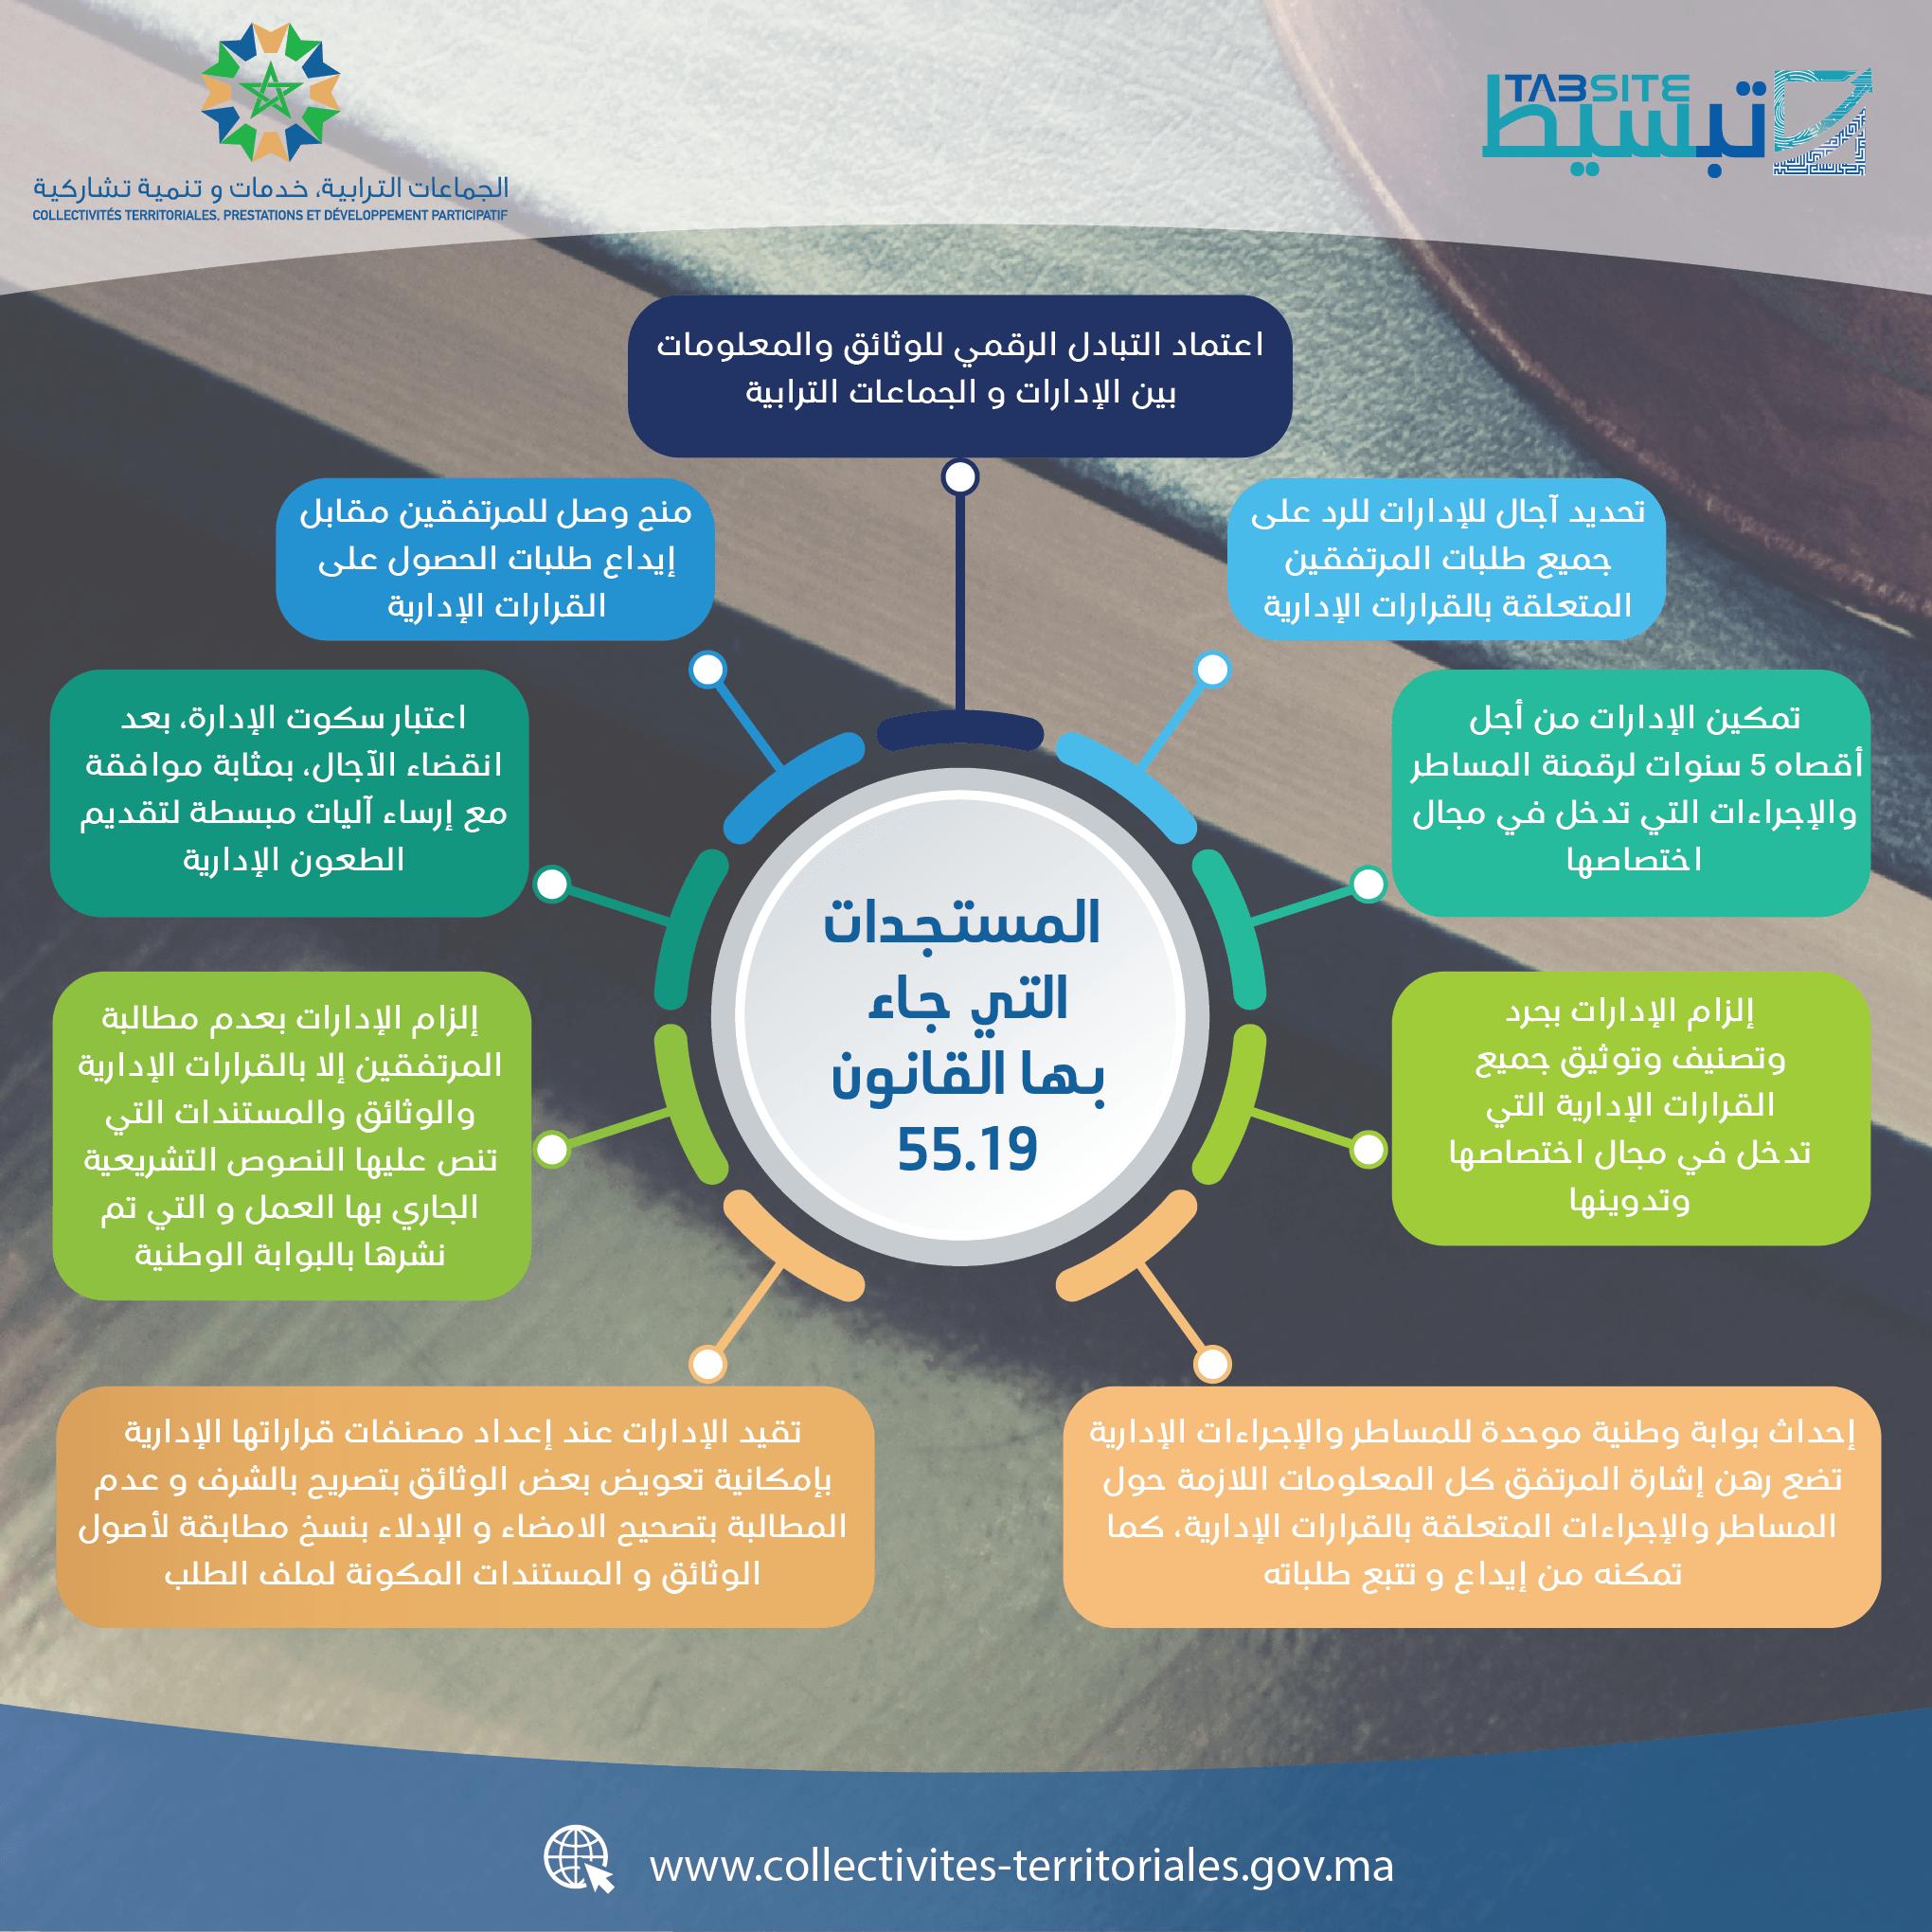 المستجدات التي جاء بها القانون 55.19 لتبسيط الإجراءات الإدارية